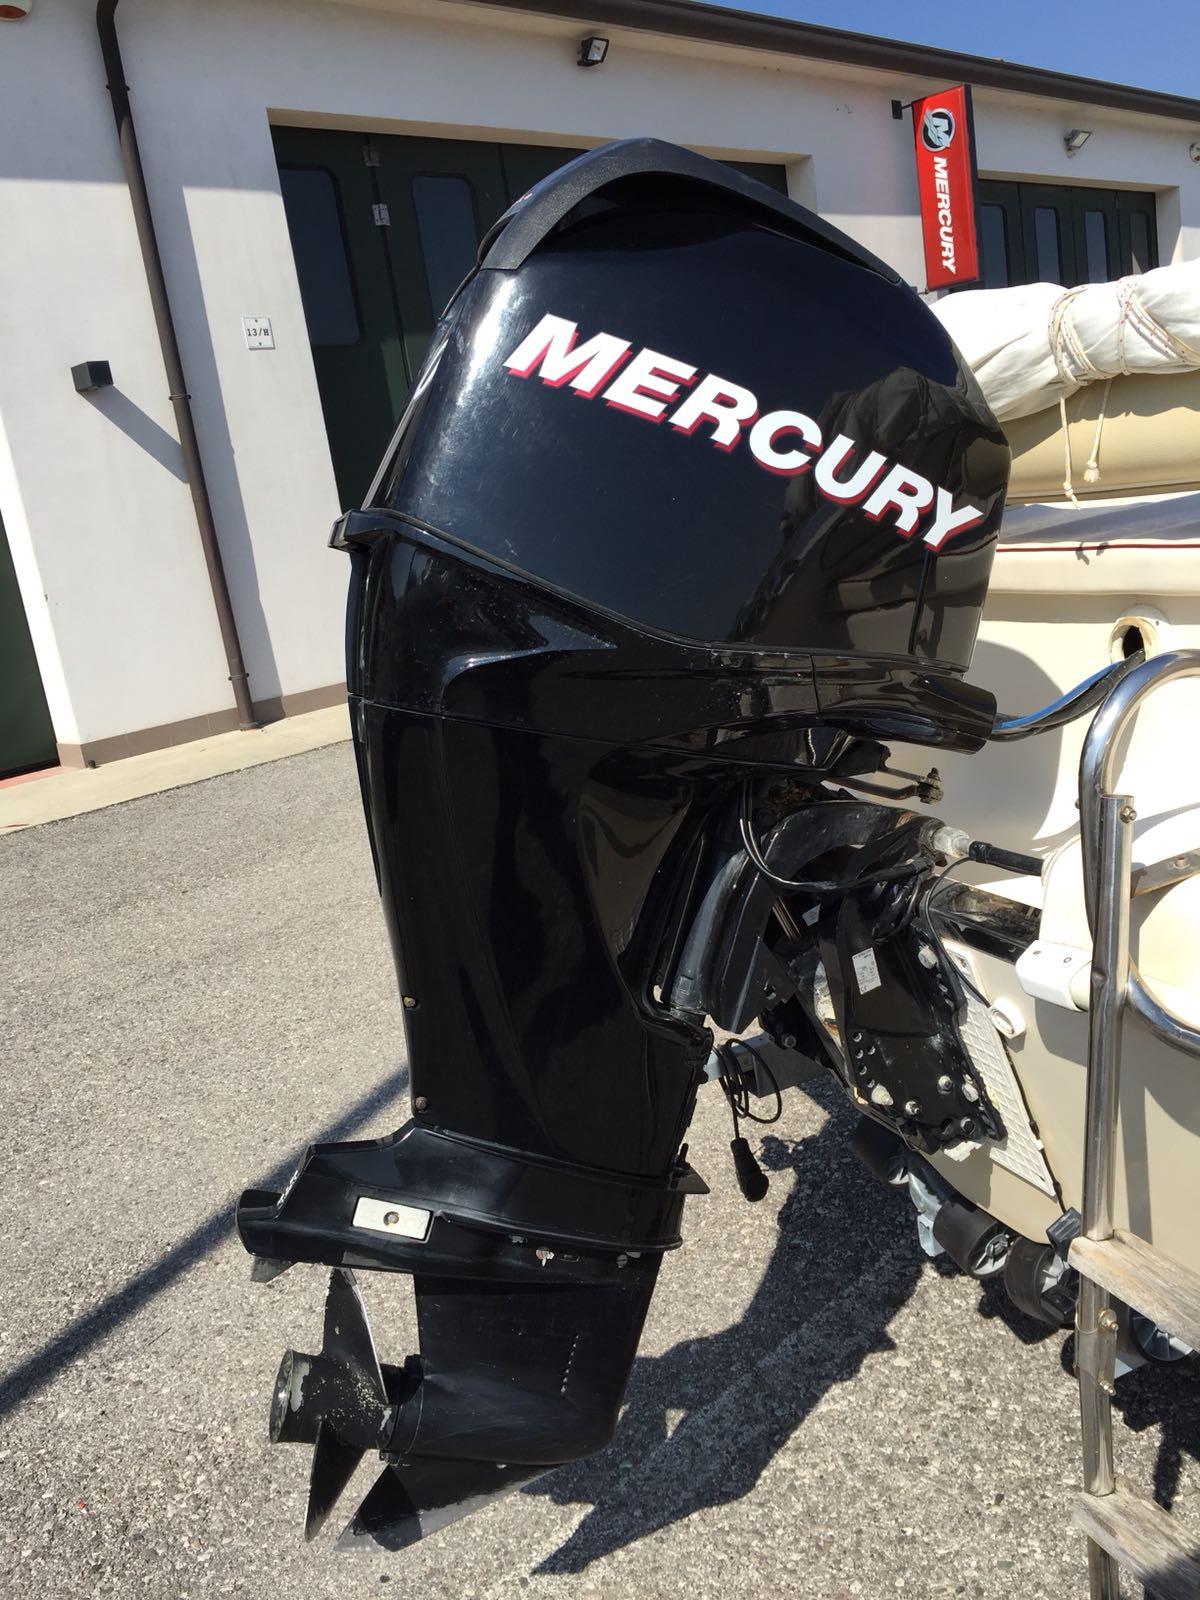 Foto Occasione Open 19.5 Adriatic + Mercury F 40 Orion usato - 8